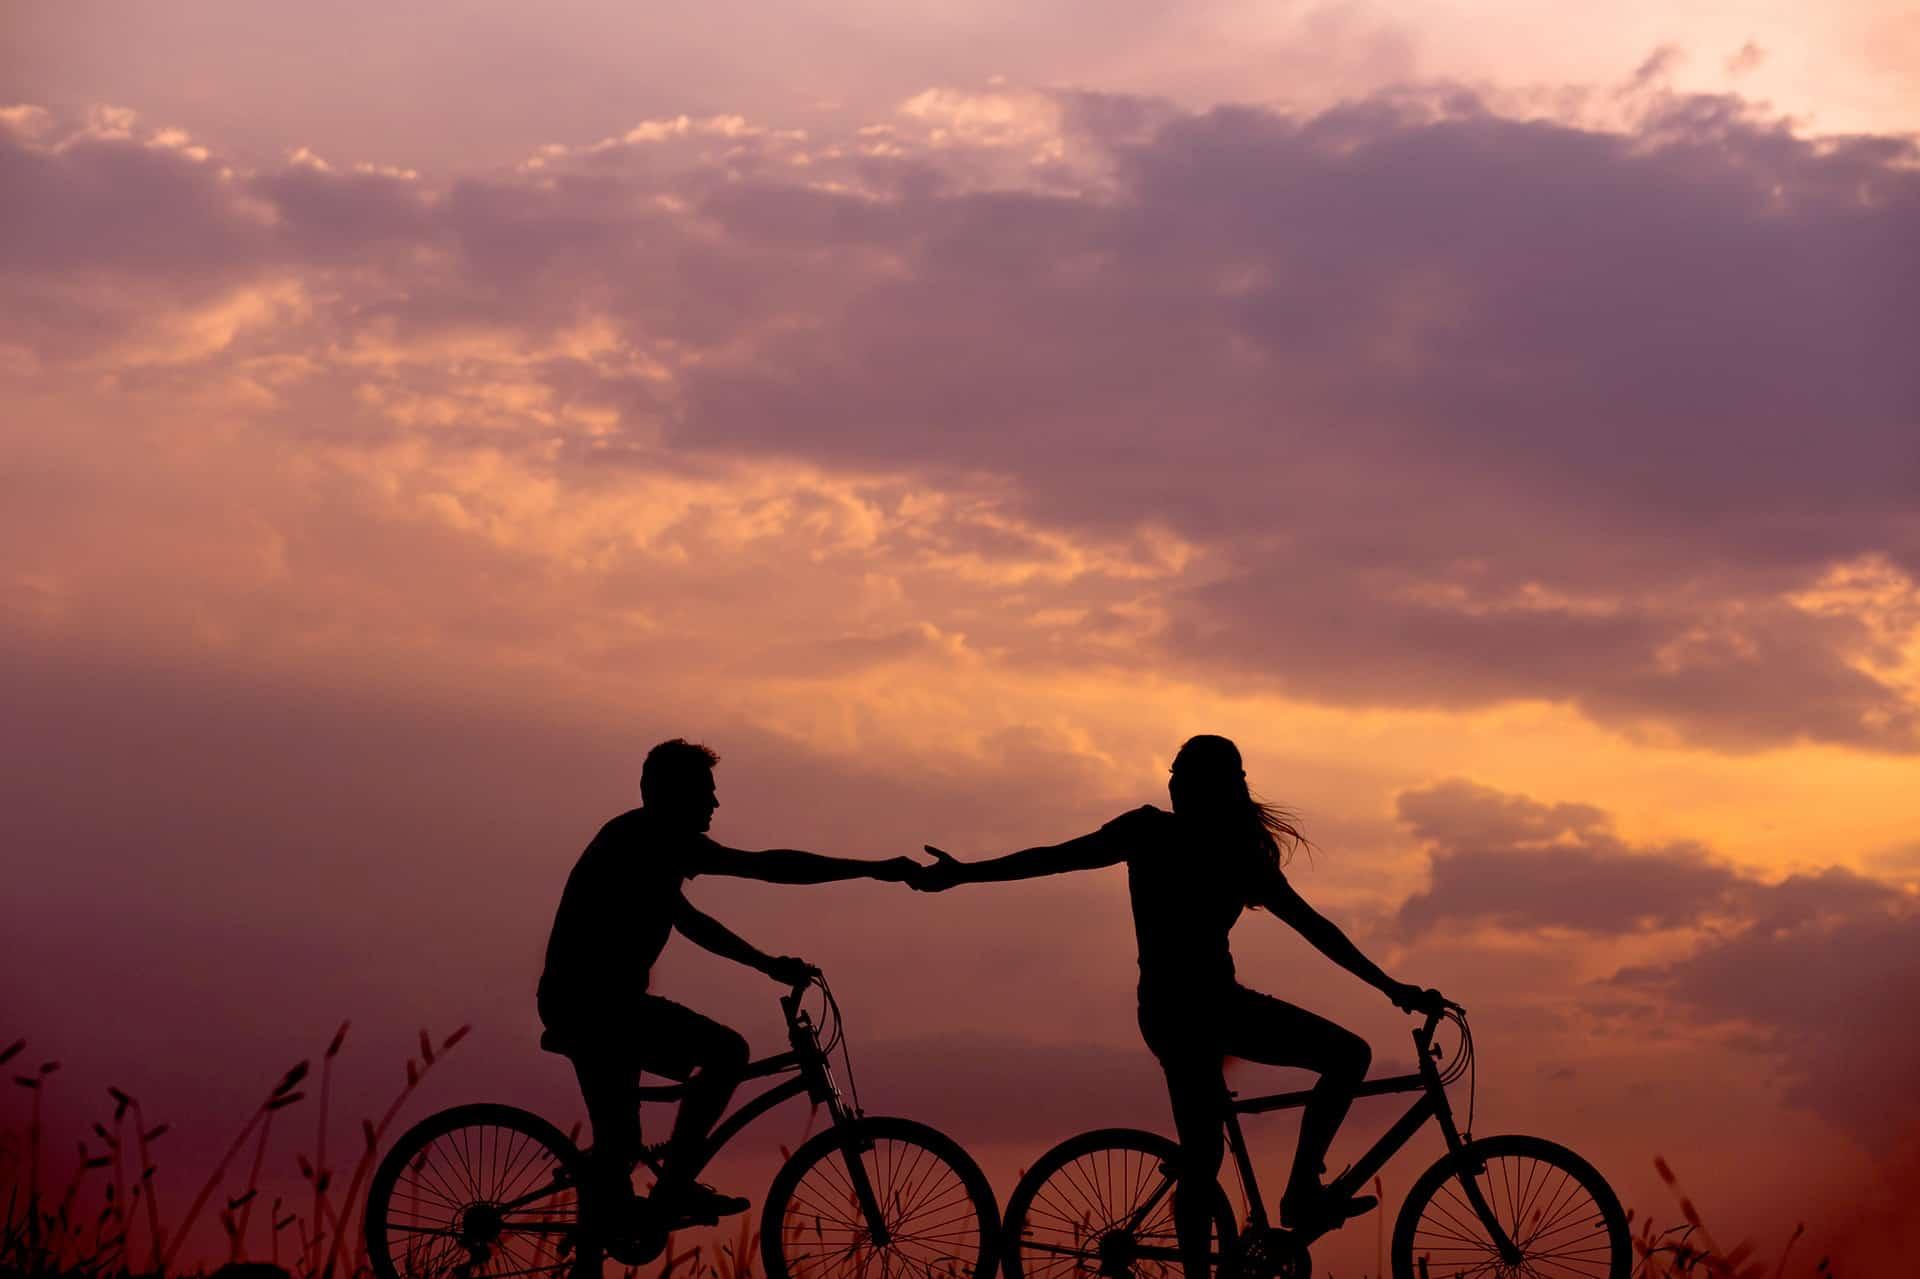 Casal sobre duas bicicletas, dão as mãos enquanto passeiam por uma bela paisagem rural.